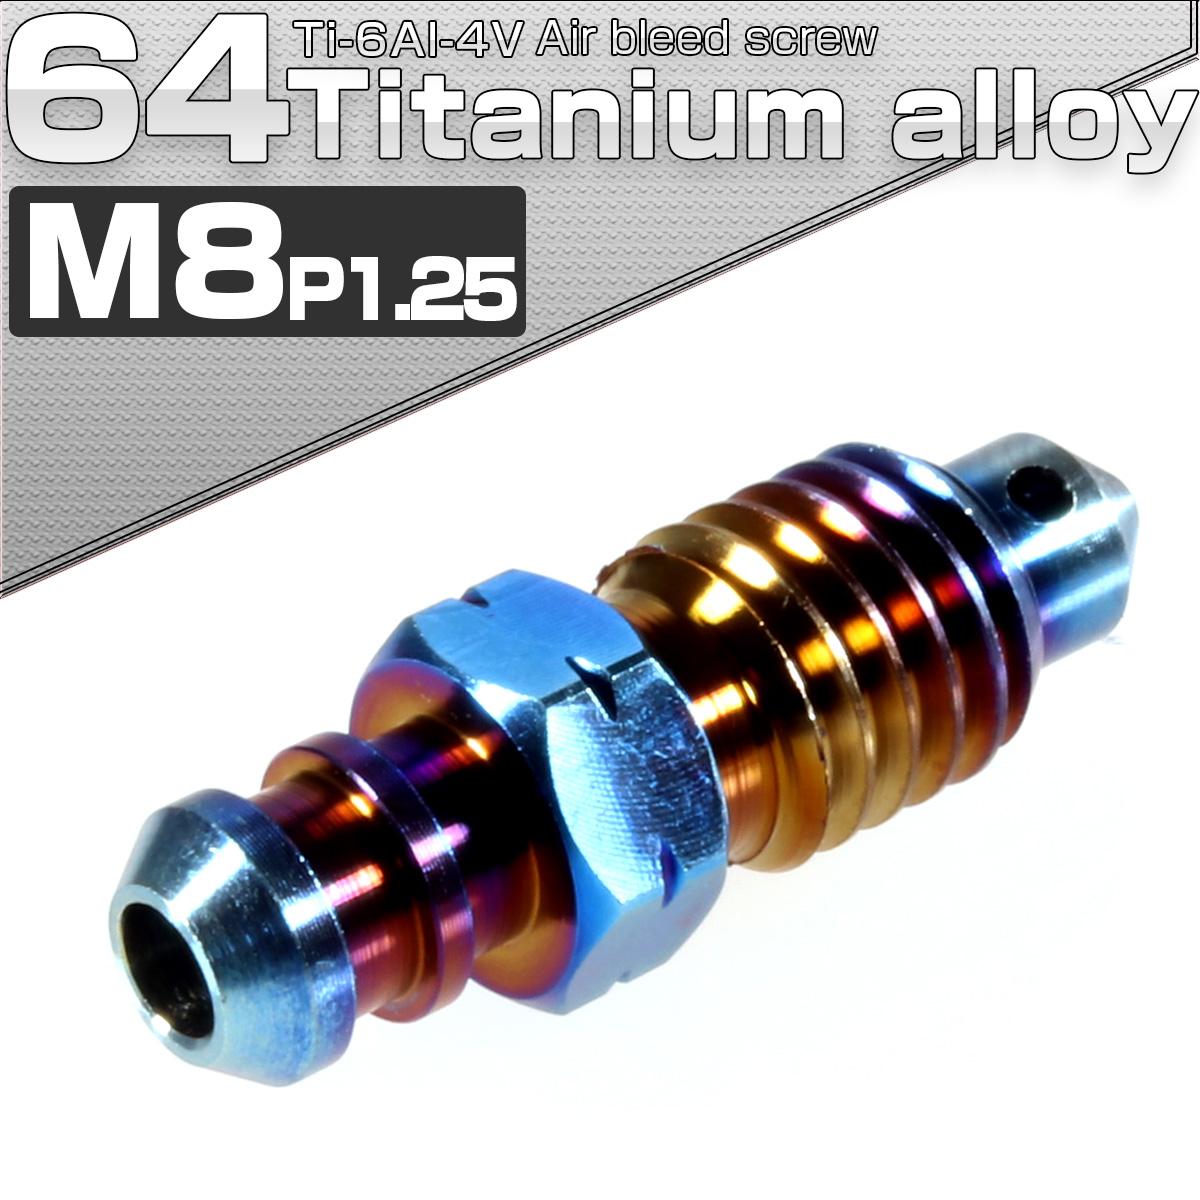 64チタン エアブリード スクリュー M8 P1.25 焼きチタンカラー エアブリーダー バルブ JA084